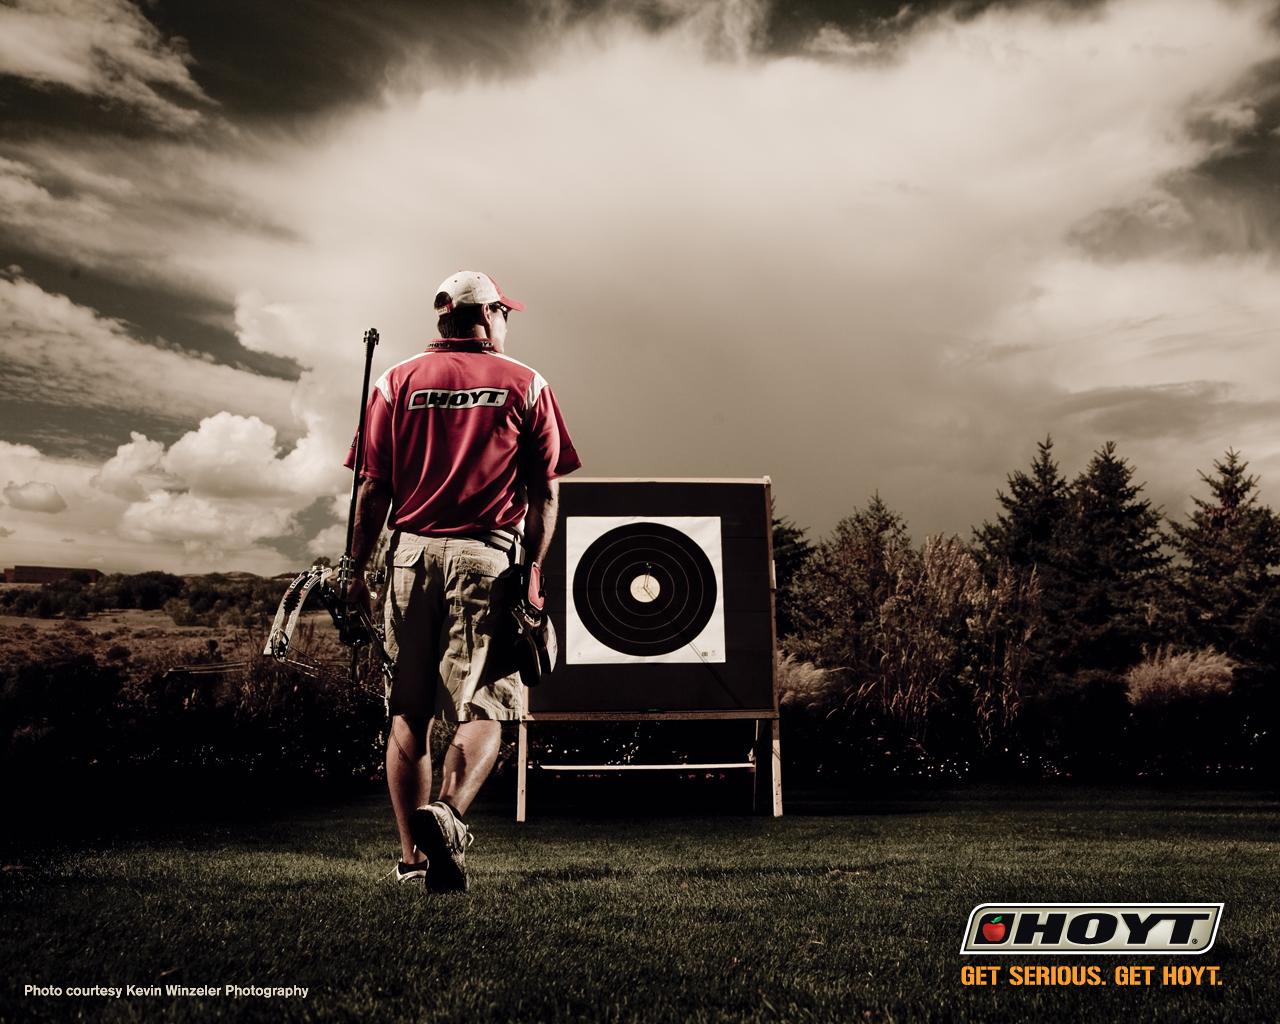 Archery-Hoyt-wallpaper-wp4401093